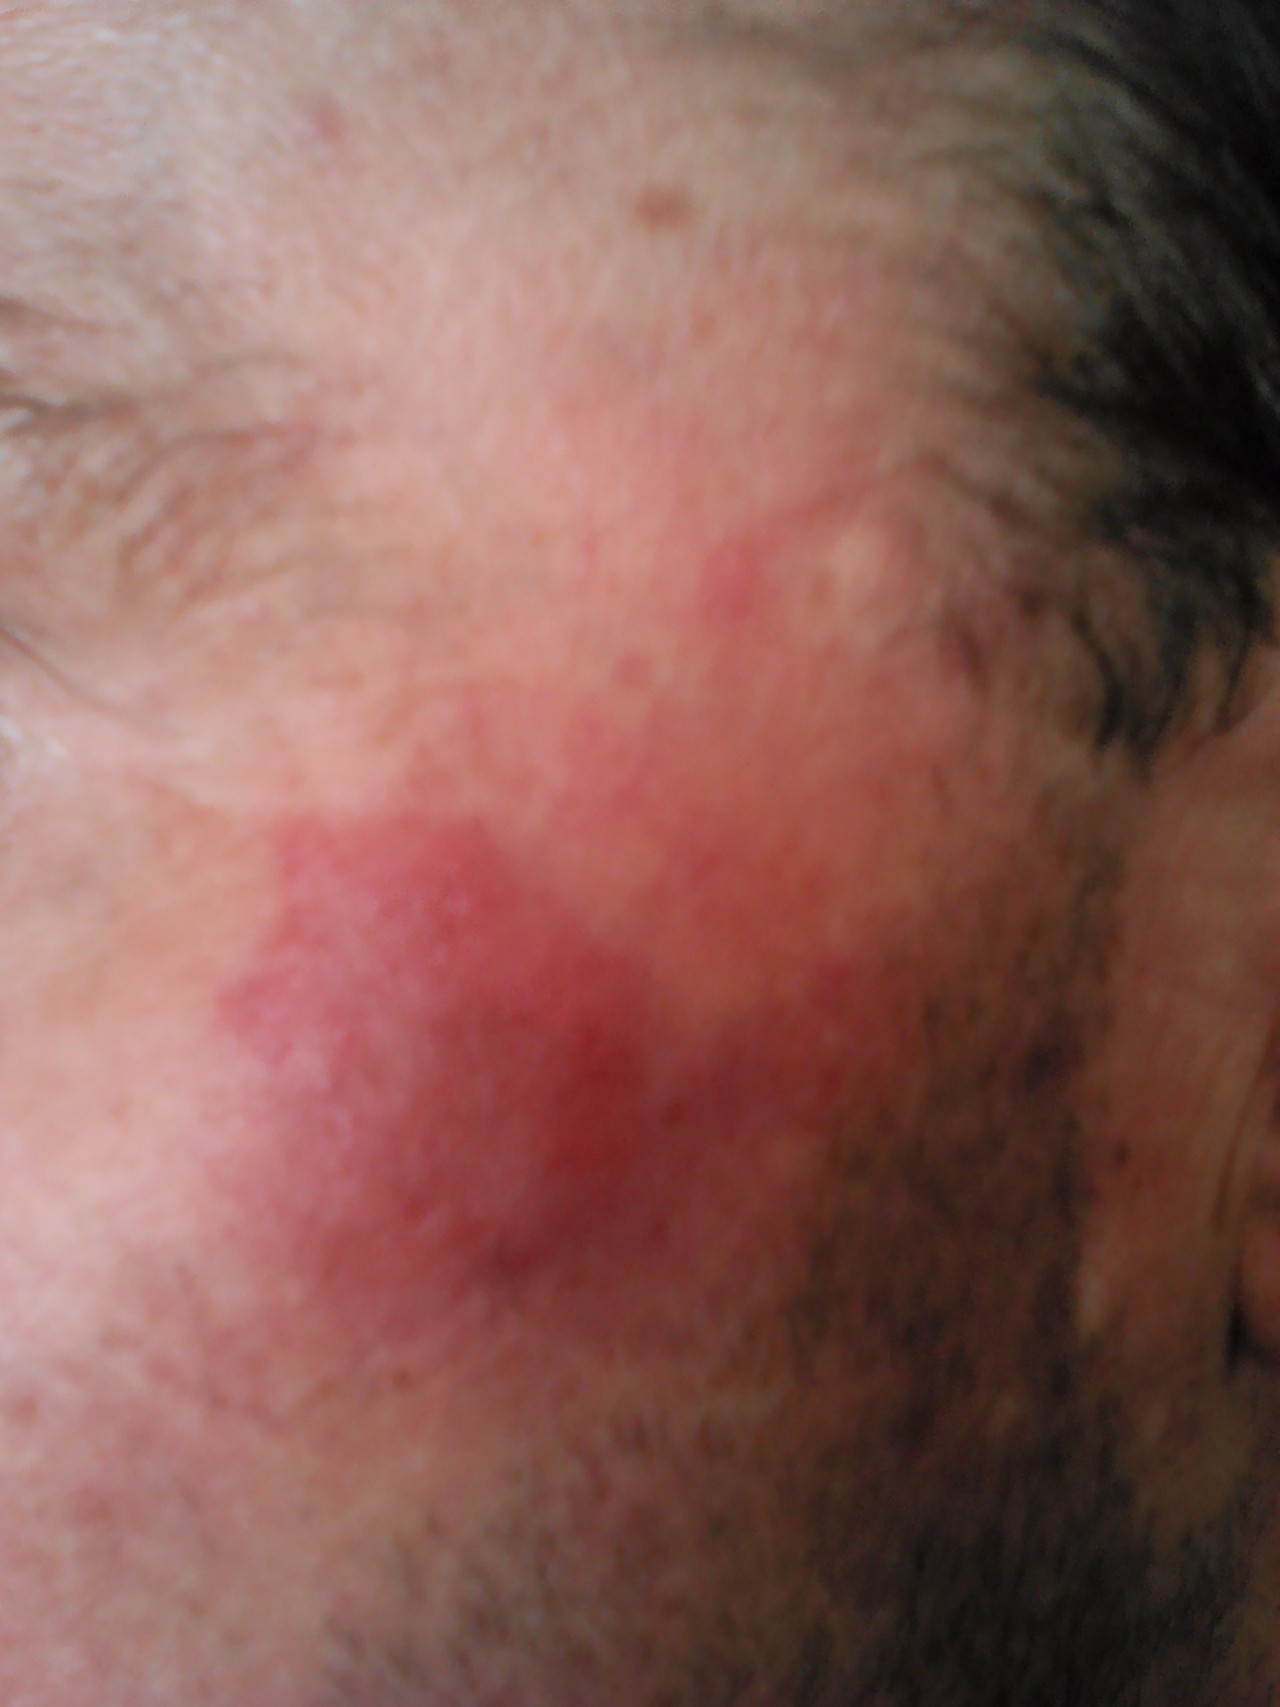 Увеличены лимфоузлы у часто болеющих детей